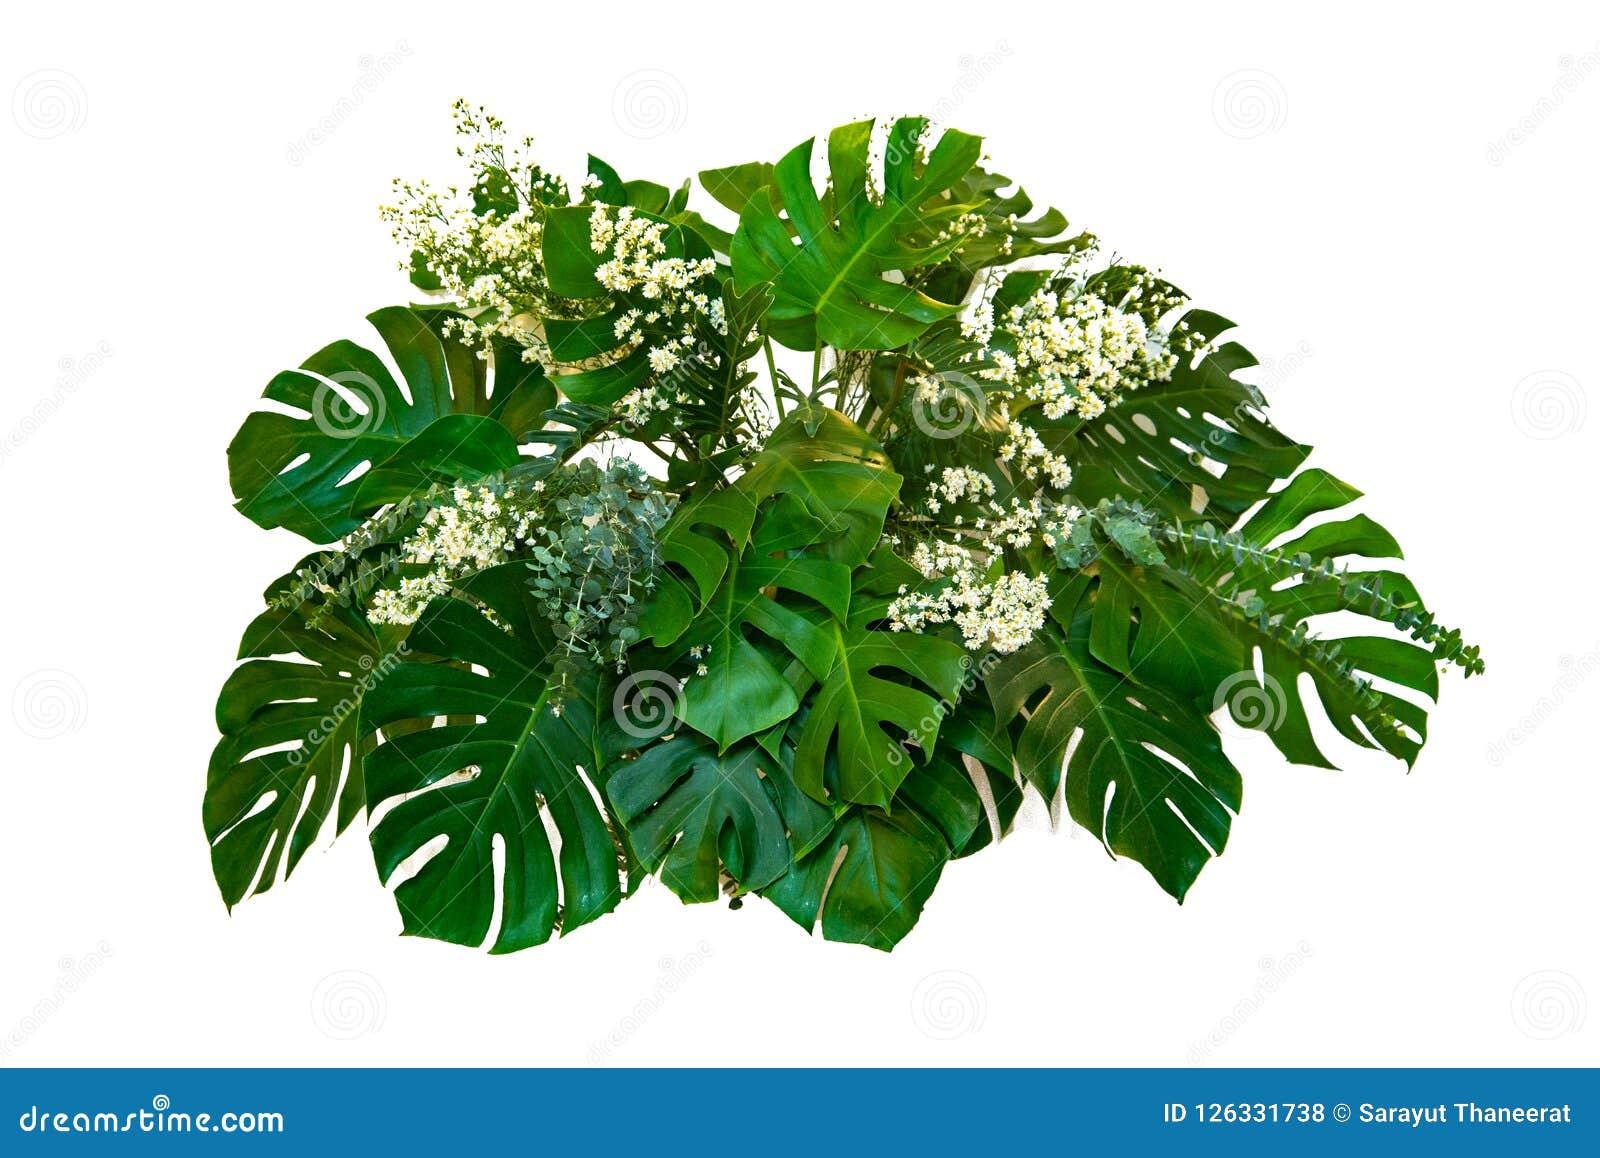 Листья изверга используемые в заводе листвы листьев современных дизайнов тропическом bush изолированный фон природы цветочной ком